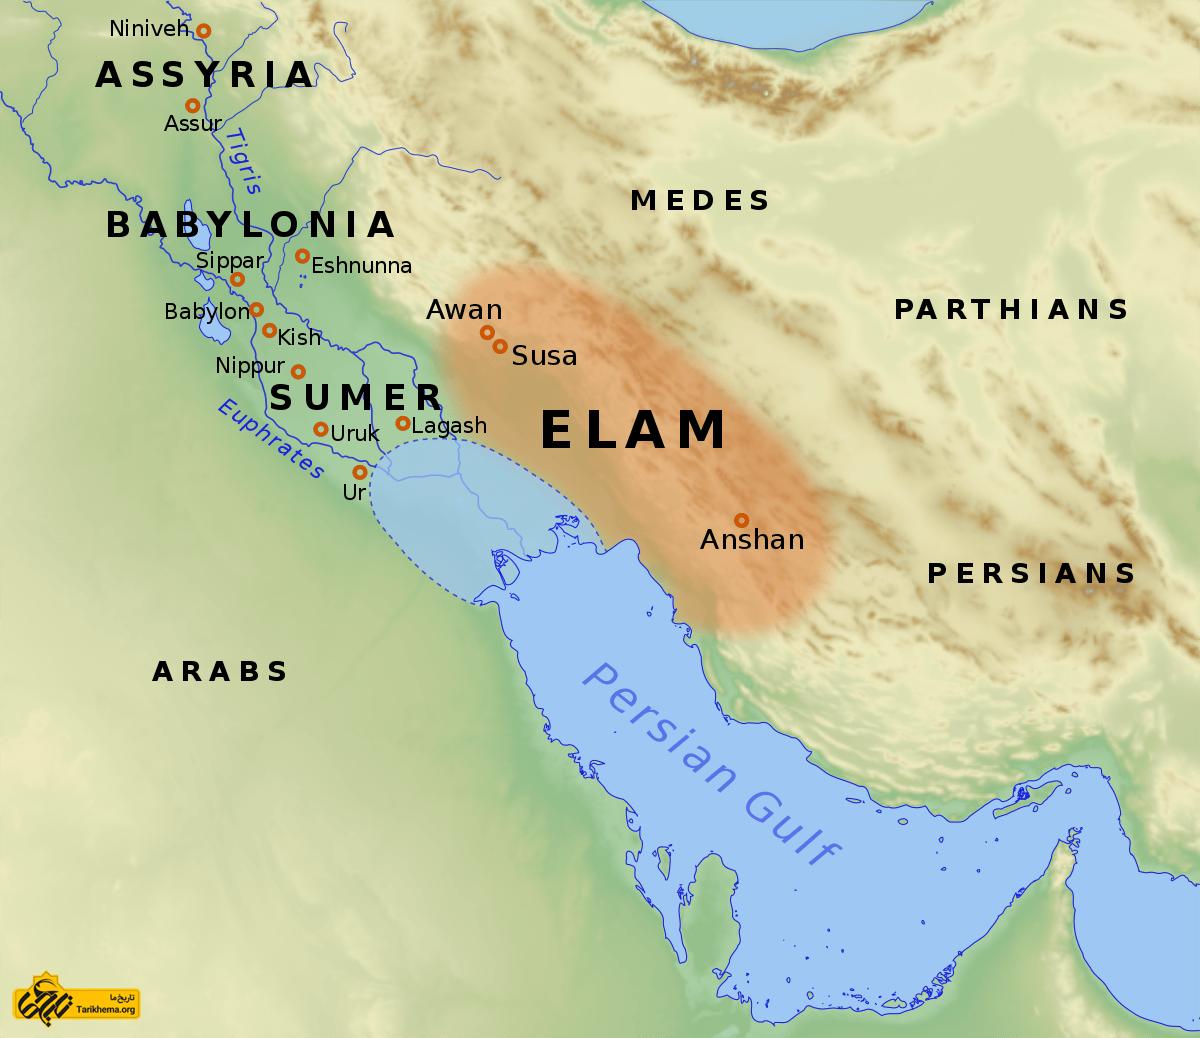 عکس Image result for Elam %d8%b9%db%8c%d9%84%d8%a7%d9%85-elam Tarikhema.org